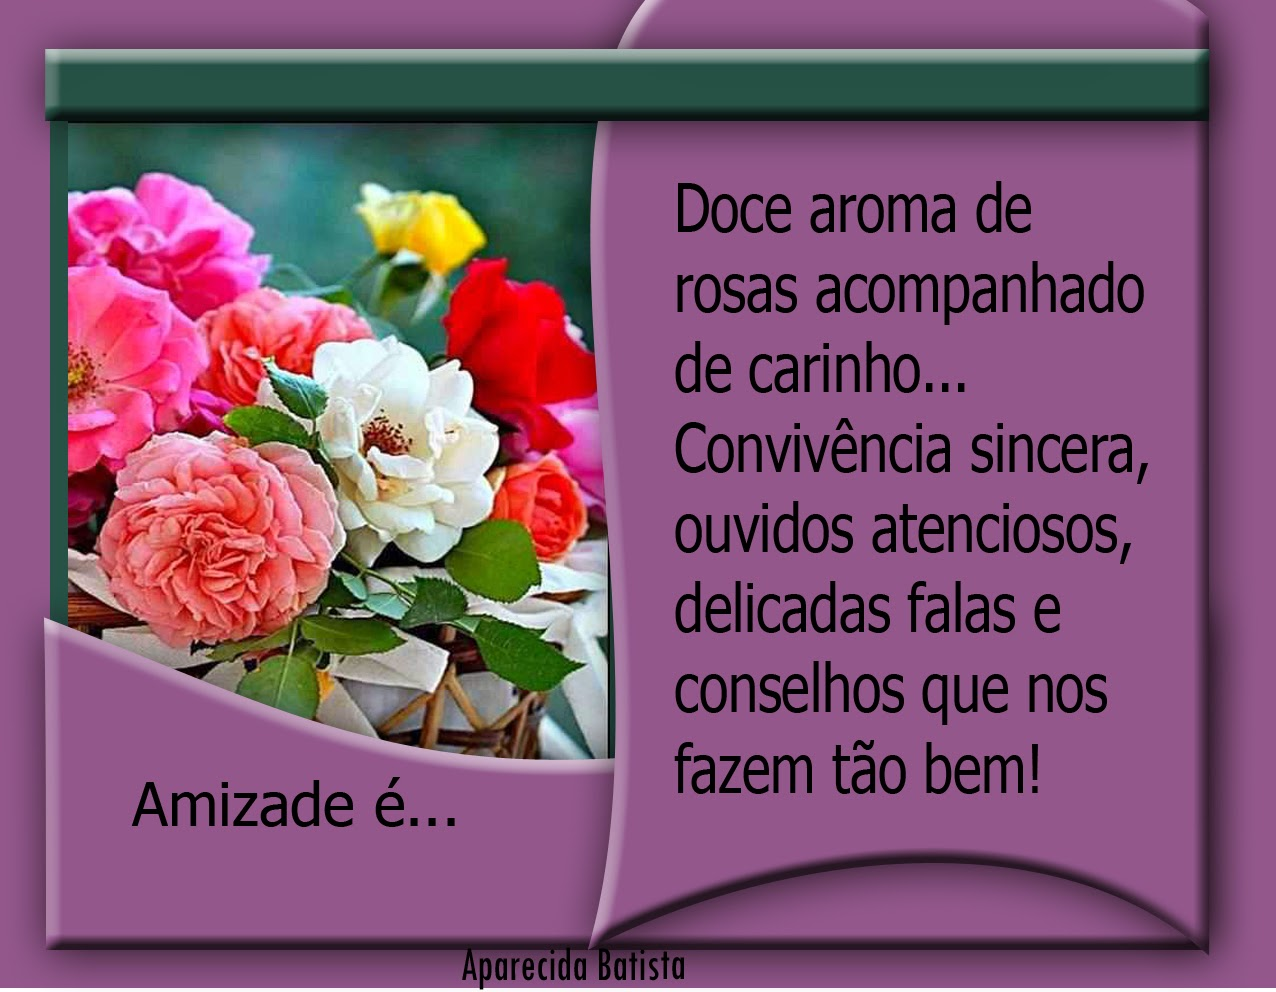 Frases Te Amarei De Janeiro A Janeiro Imagens De Amo 16: Mensagens Para Facebook: Msg De Amizade Para Facebook